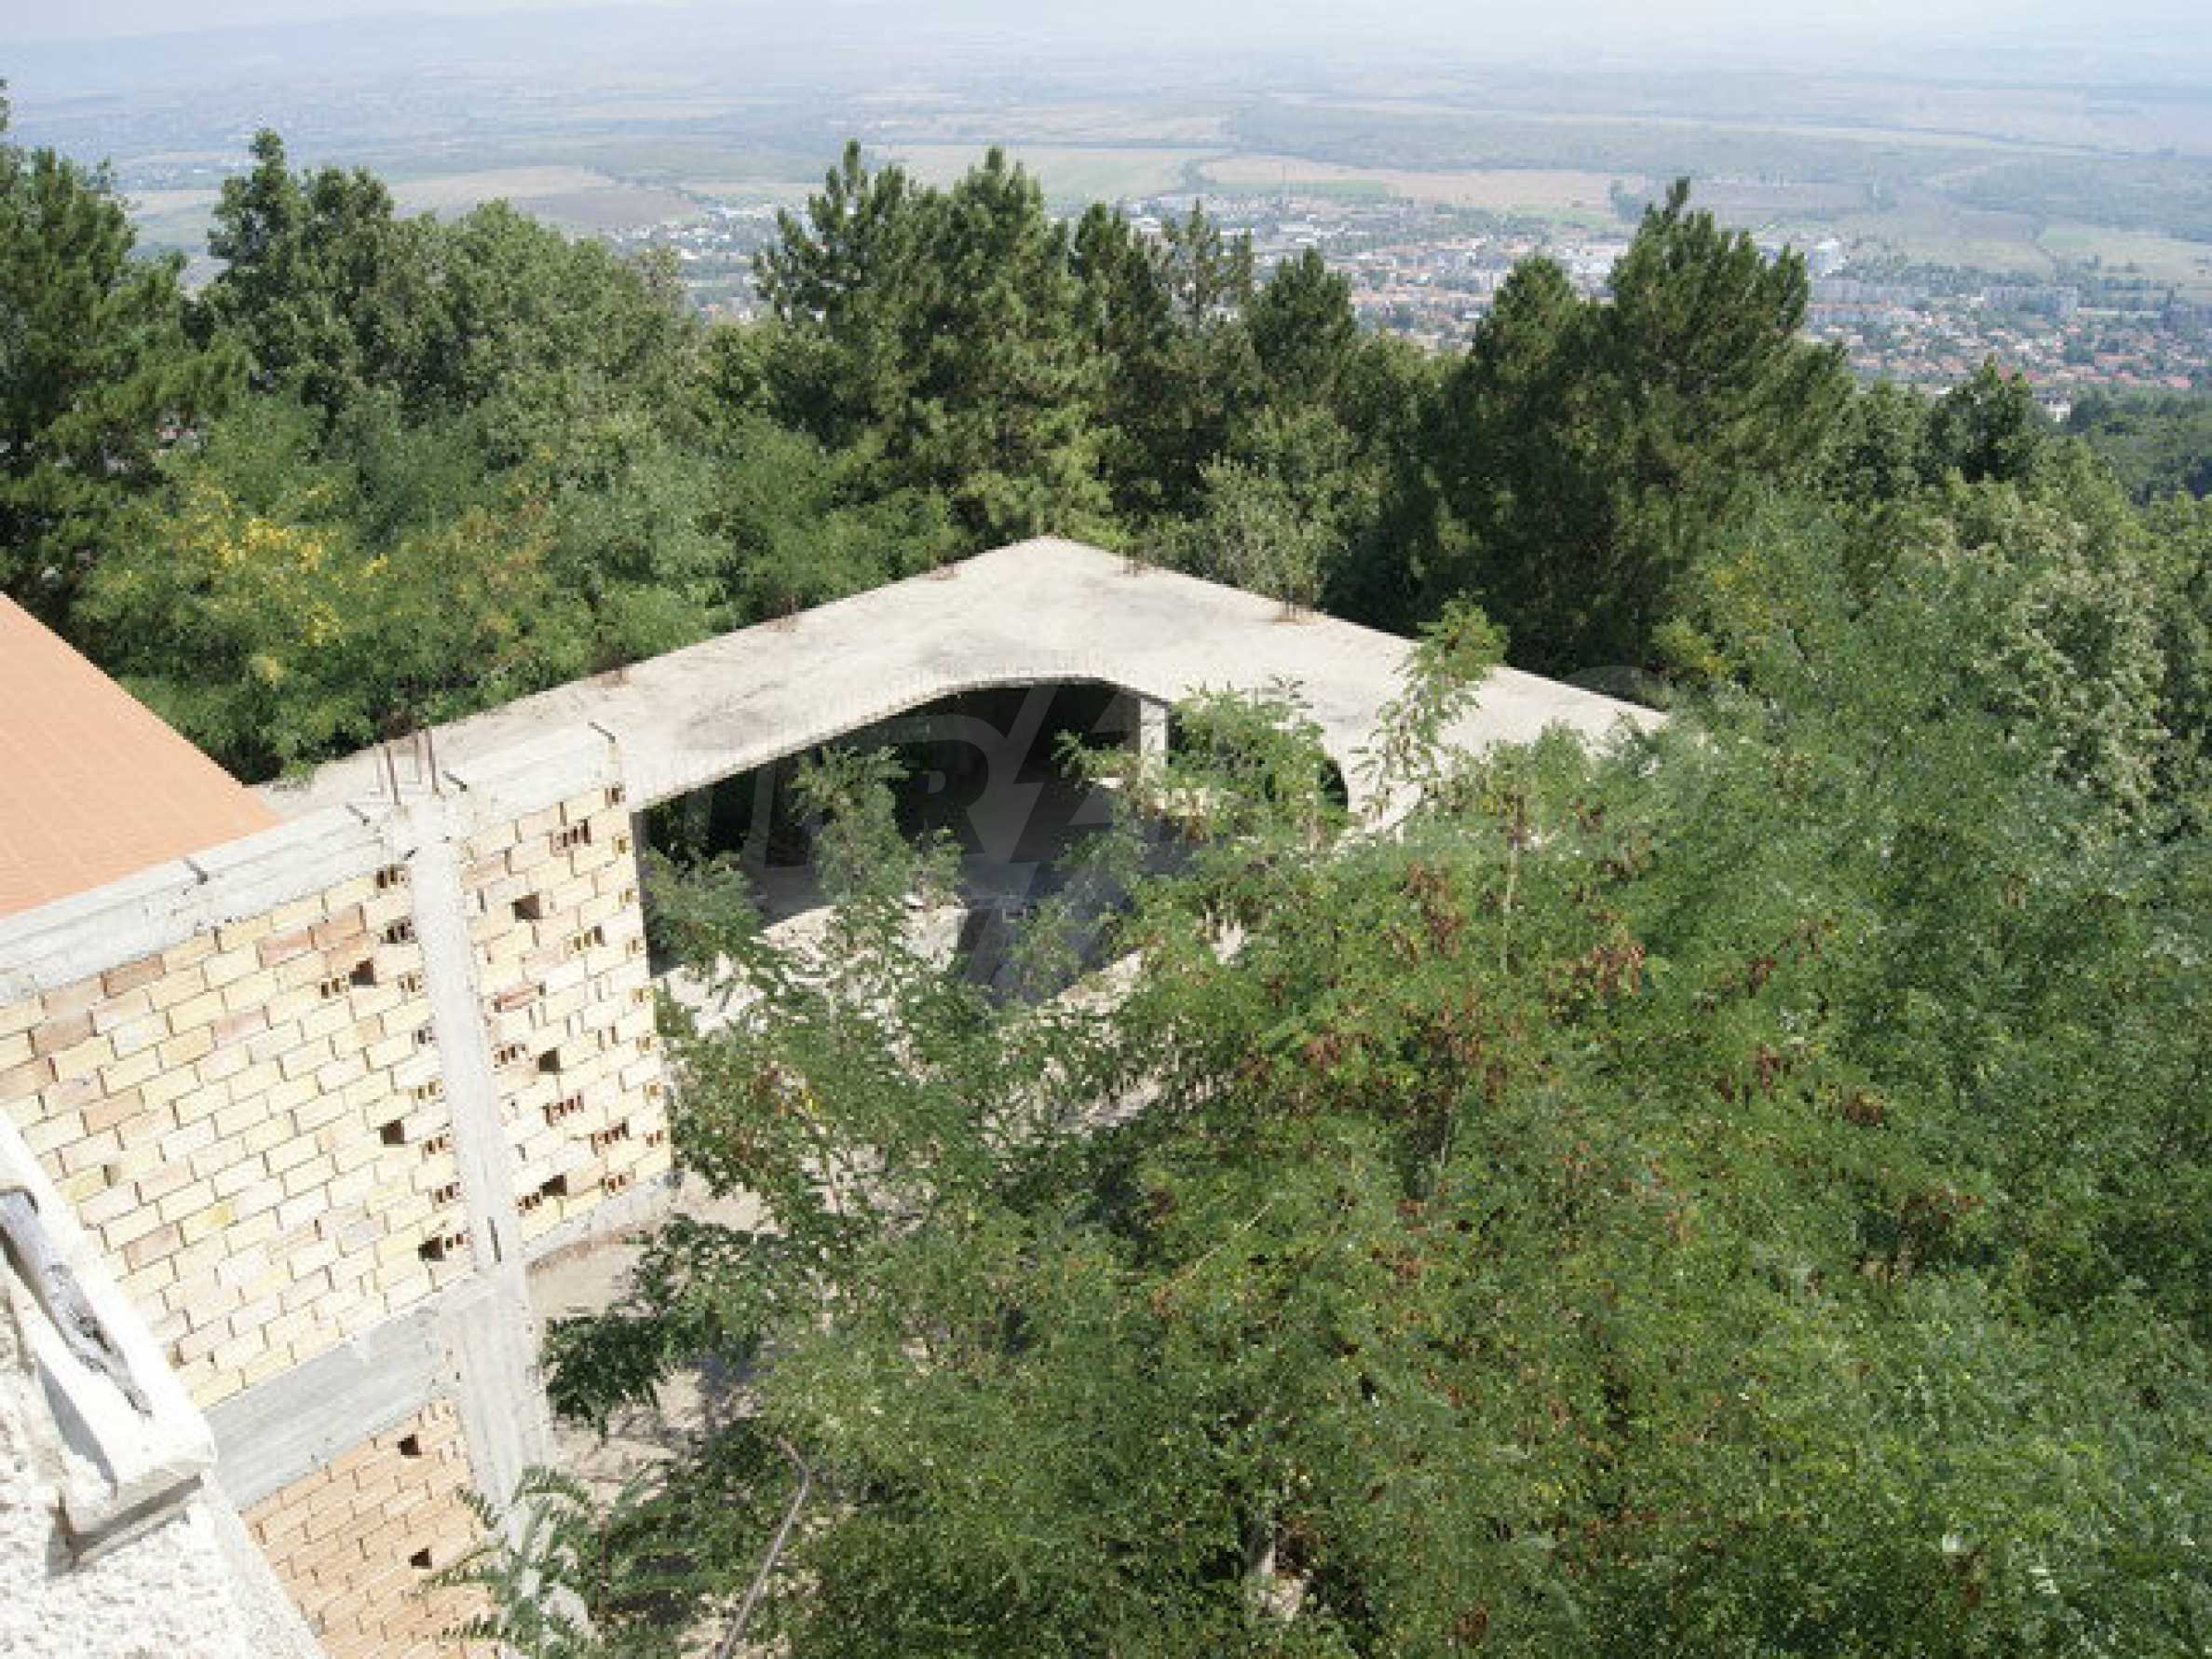 Raues Bauhotel mit herrlicher Aussicht in der Nähe von Veliko Tarnovo 20